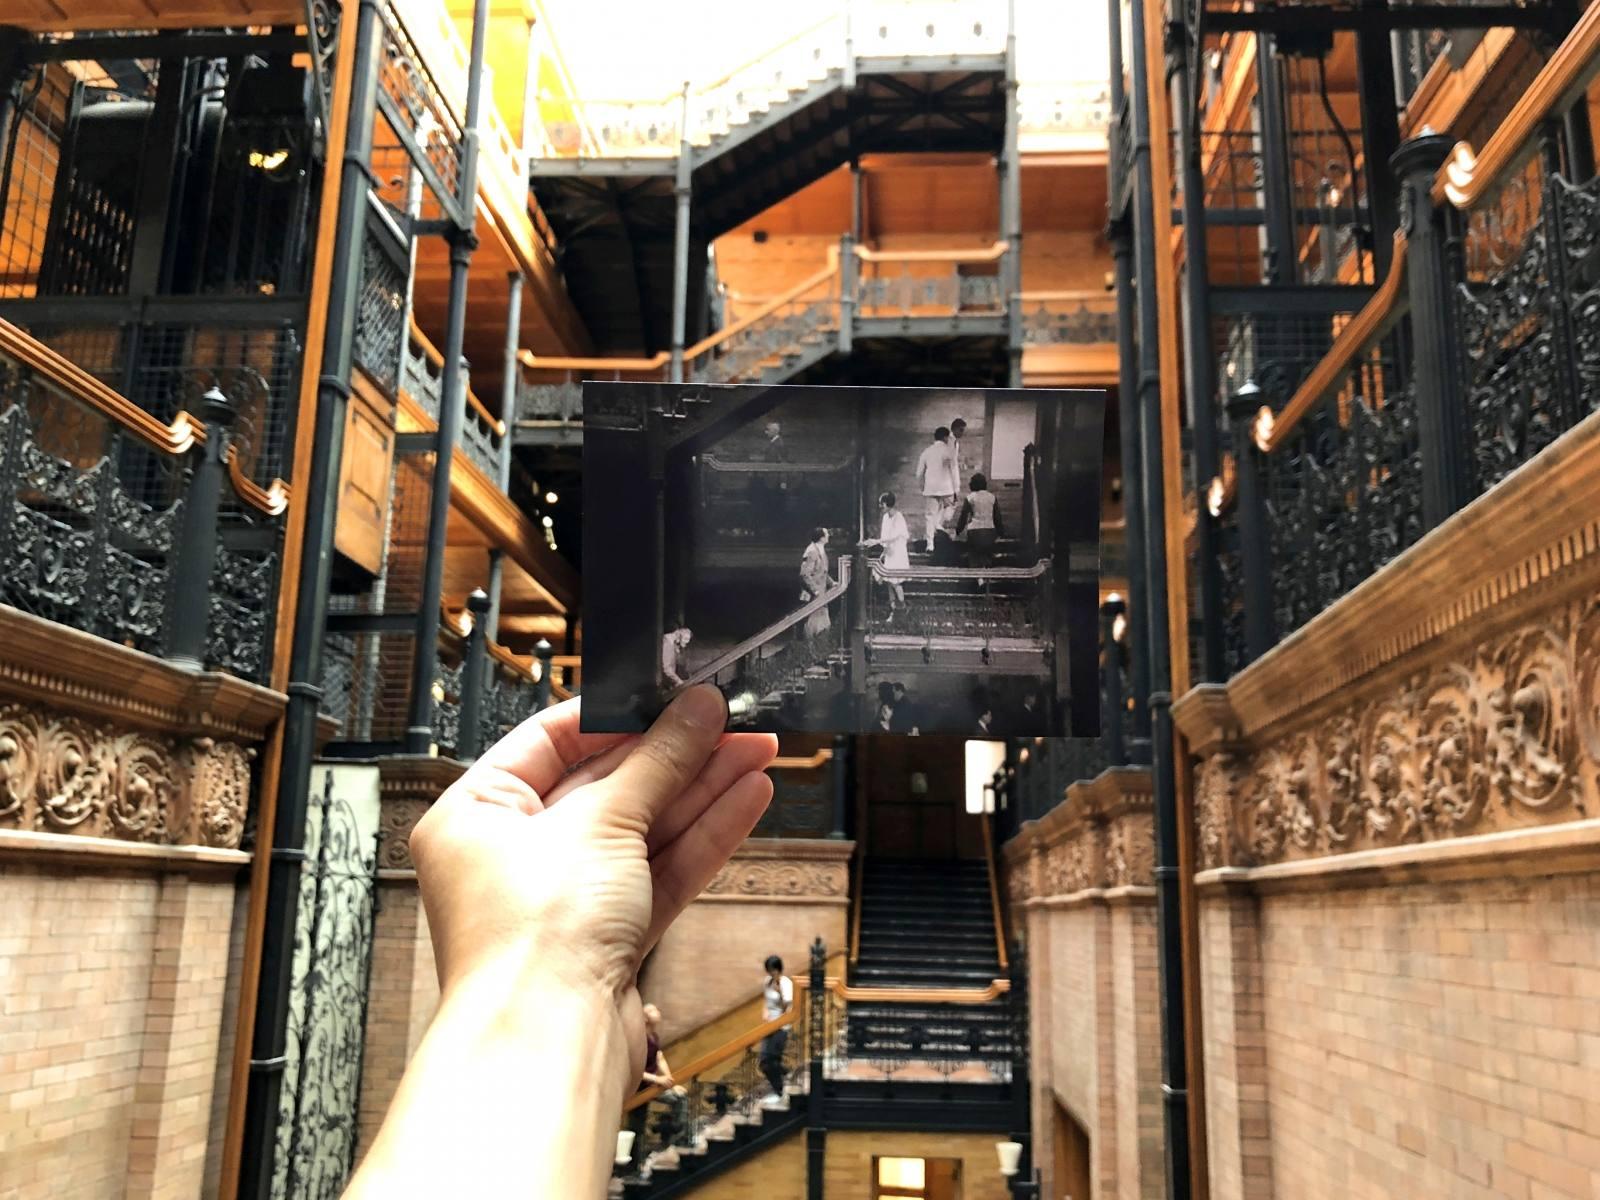 Escena de The Artist en el Bradbury Building